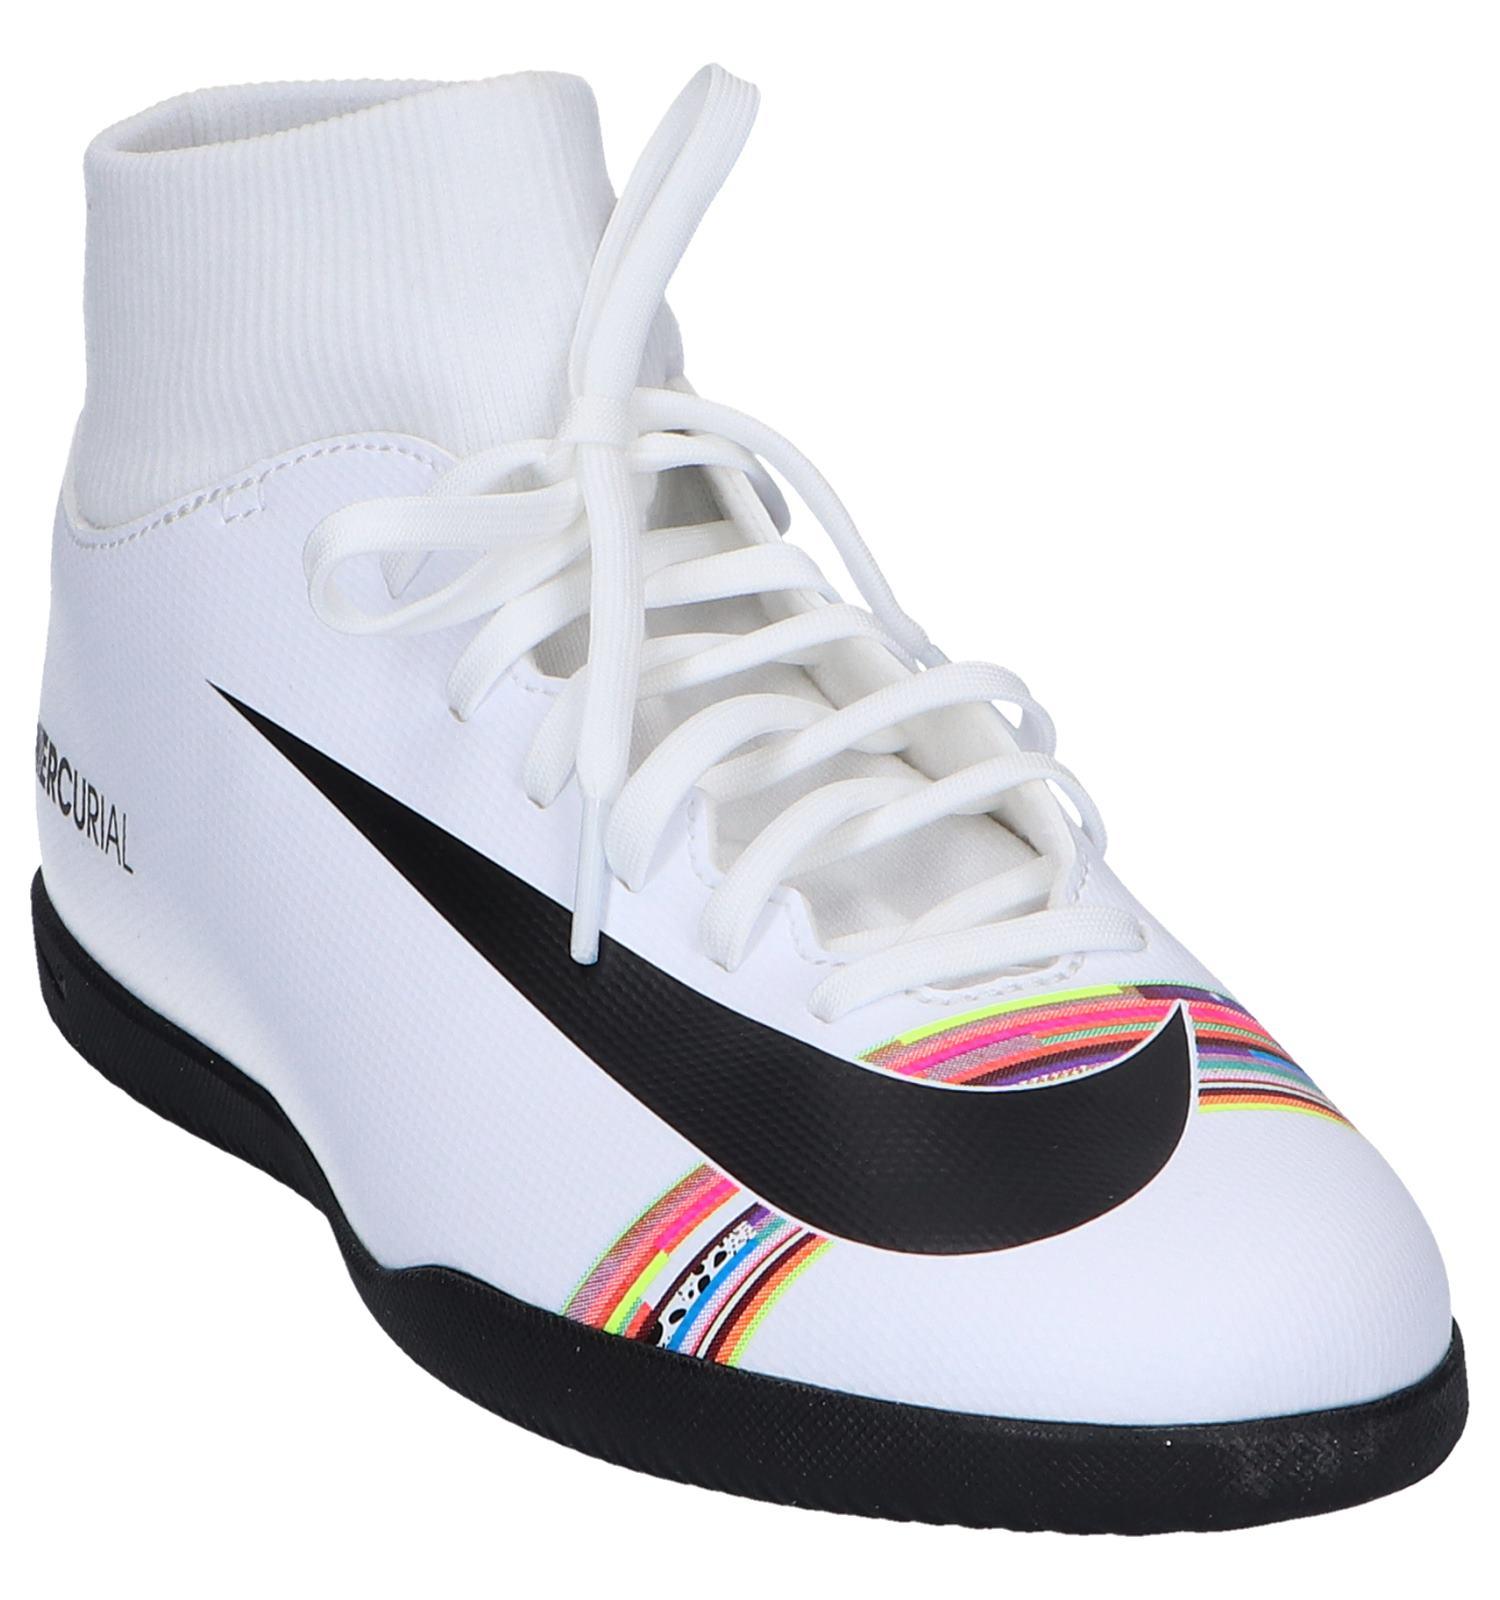 Superfly Zaalvoetbalschoenen Witte Cr7 Nike Zaalvoetbalschoenen Witte Cr7 Nike Superfly Zaalvoetbalschoenen Cr7 Witte Nike WbH29eEDIY